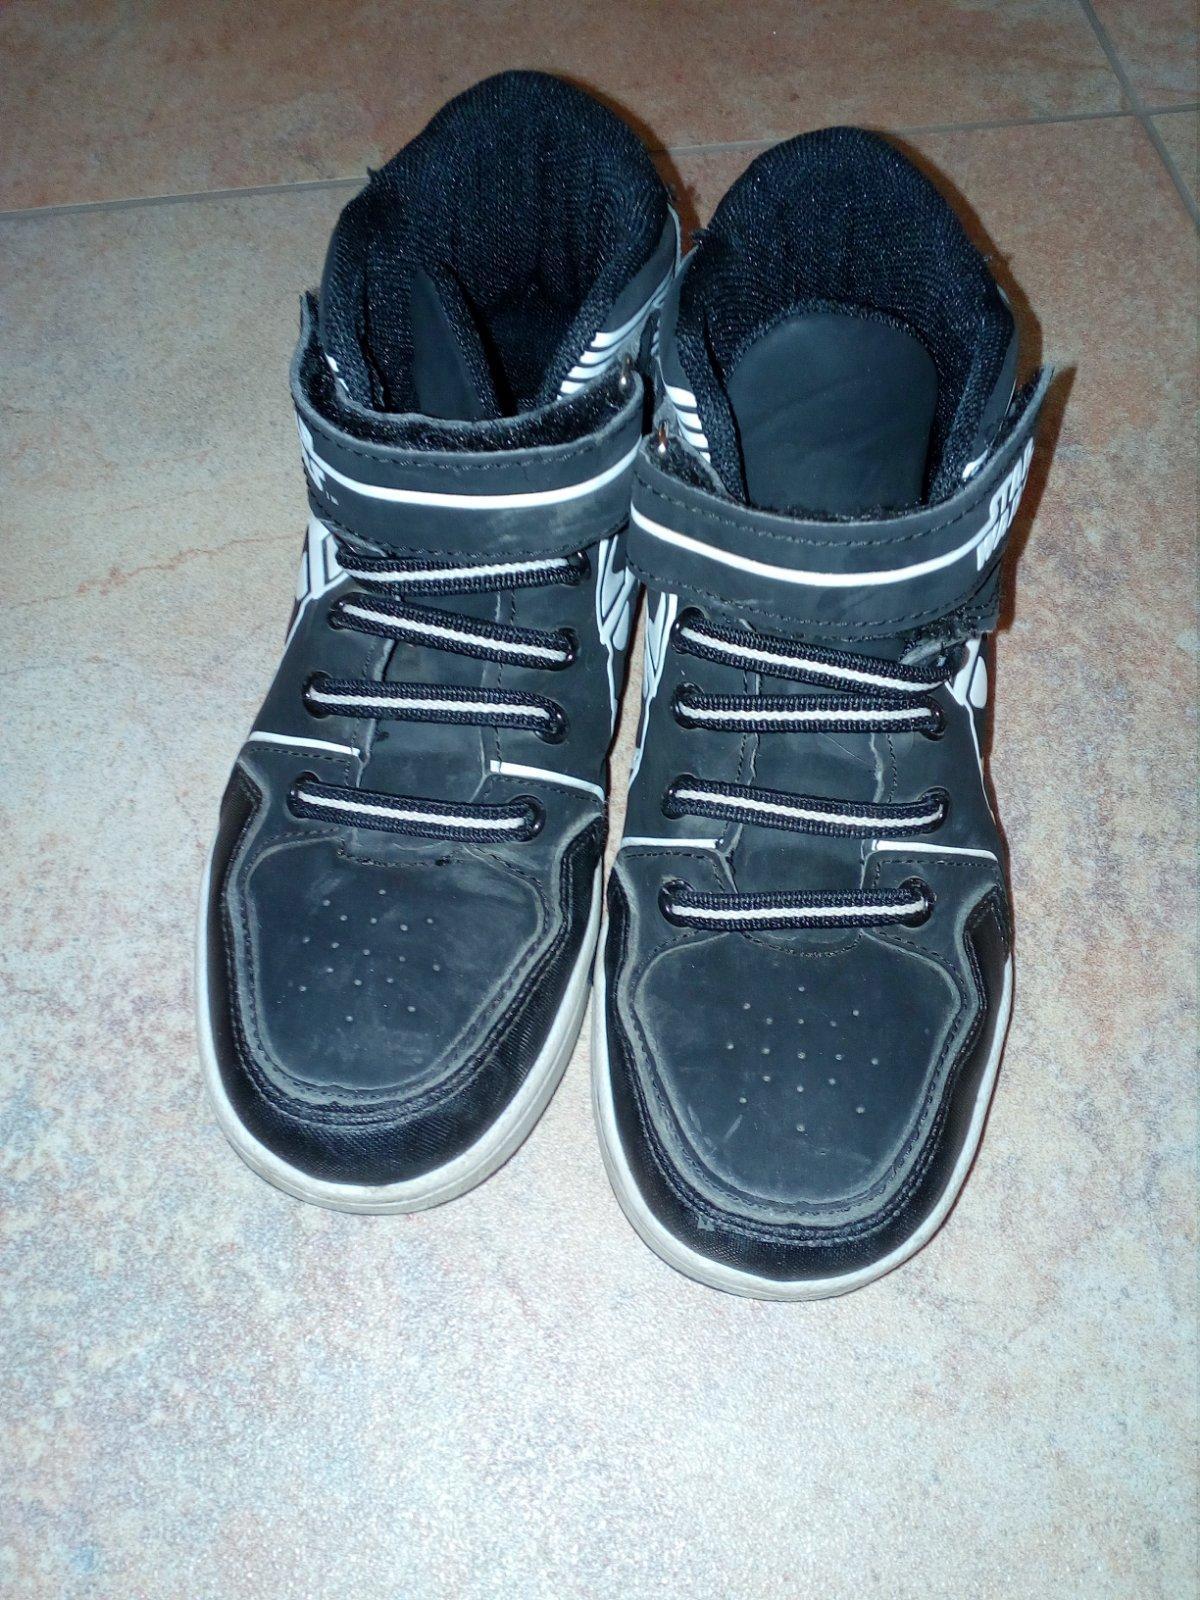 Prechodne topánky ccc veľ 31 76460df9435